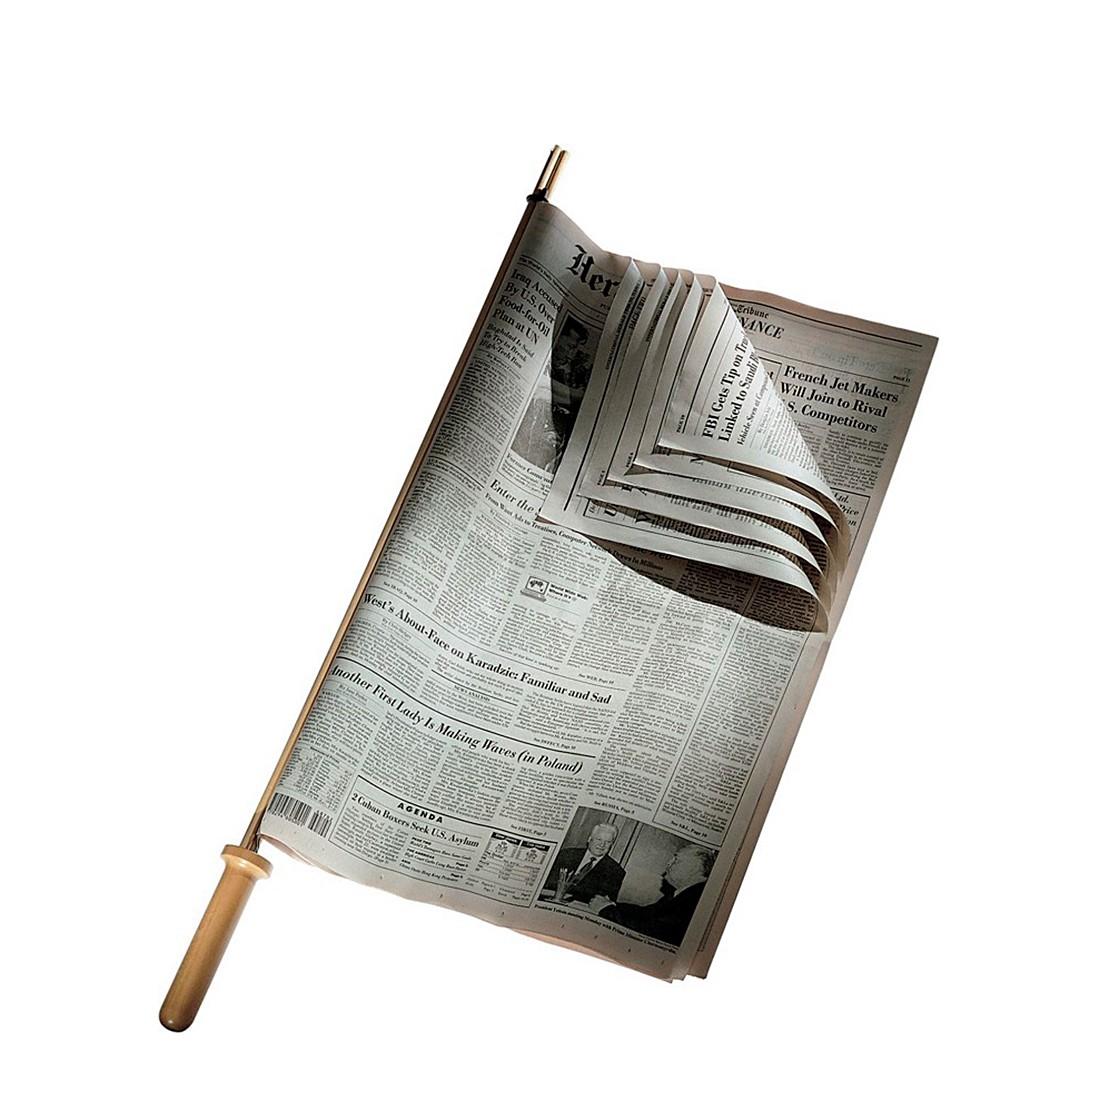 Home 24 - Porte-journaux - bois de cerisier, alessi